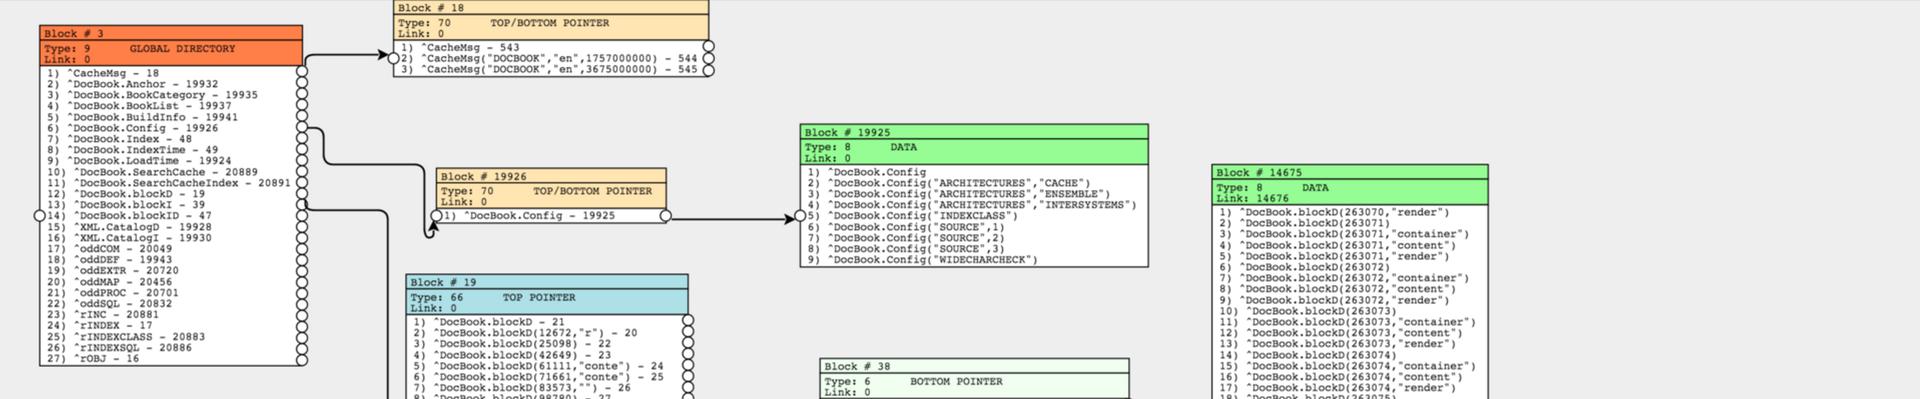 Блоки. Внутреннее устройство файла базы данных Cache